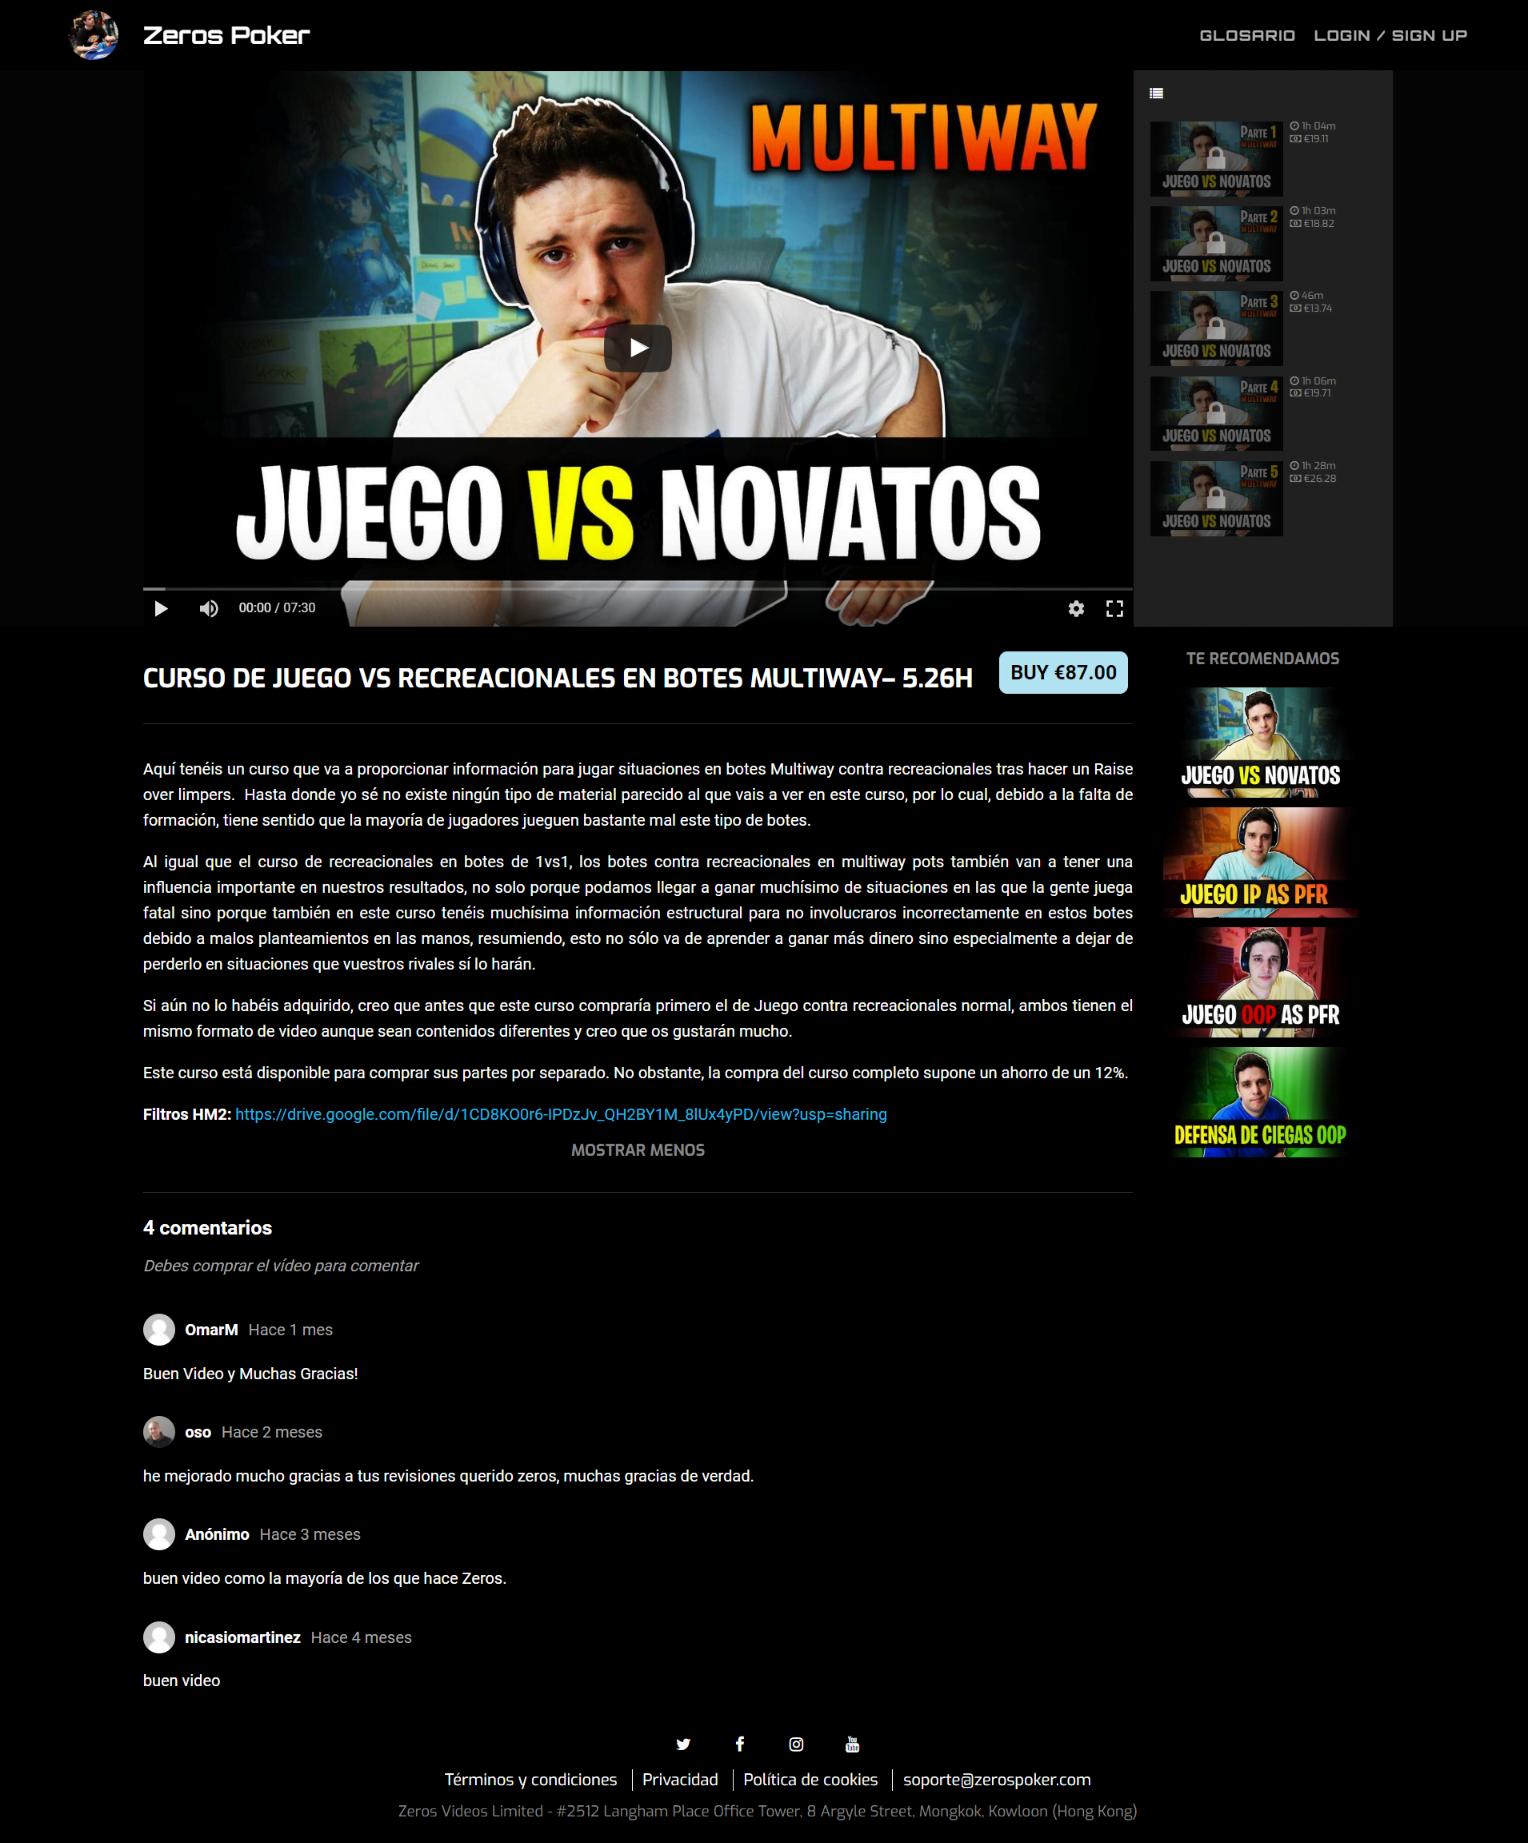 CURSO DE JUEGO VS RECREACIONALES EN BOTES MULTIWAY– 5.26H